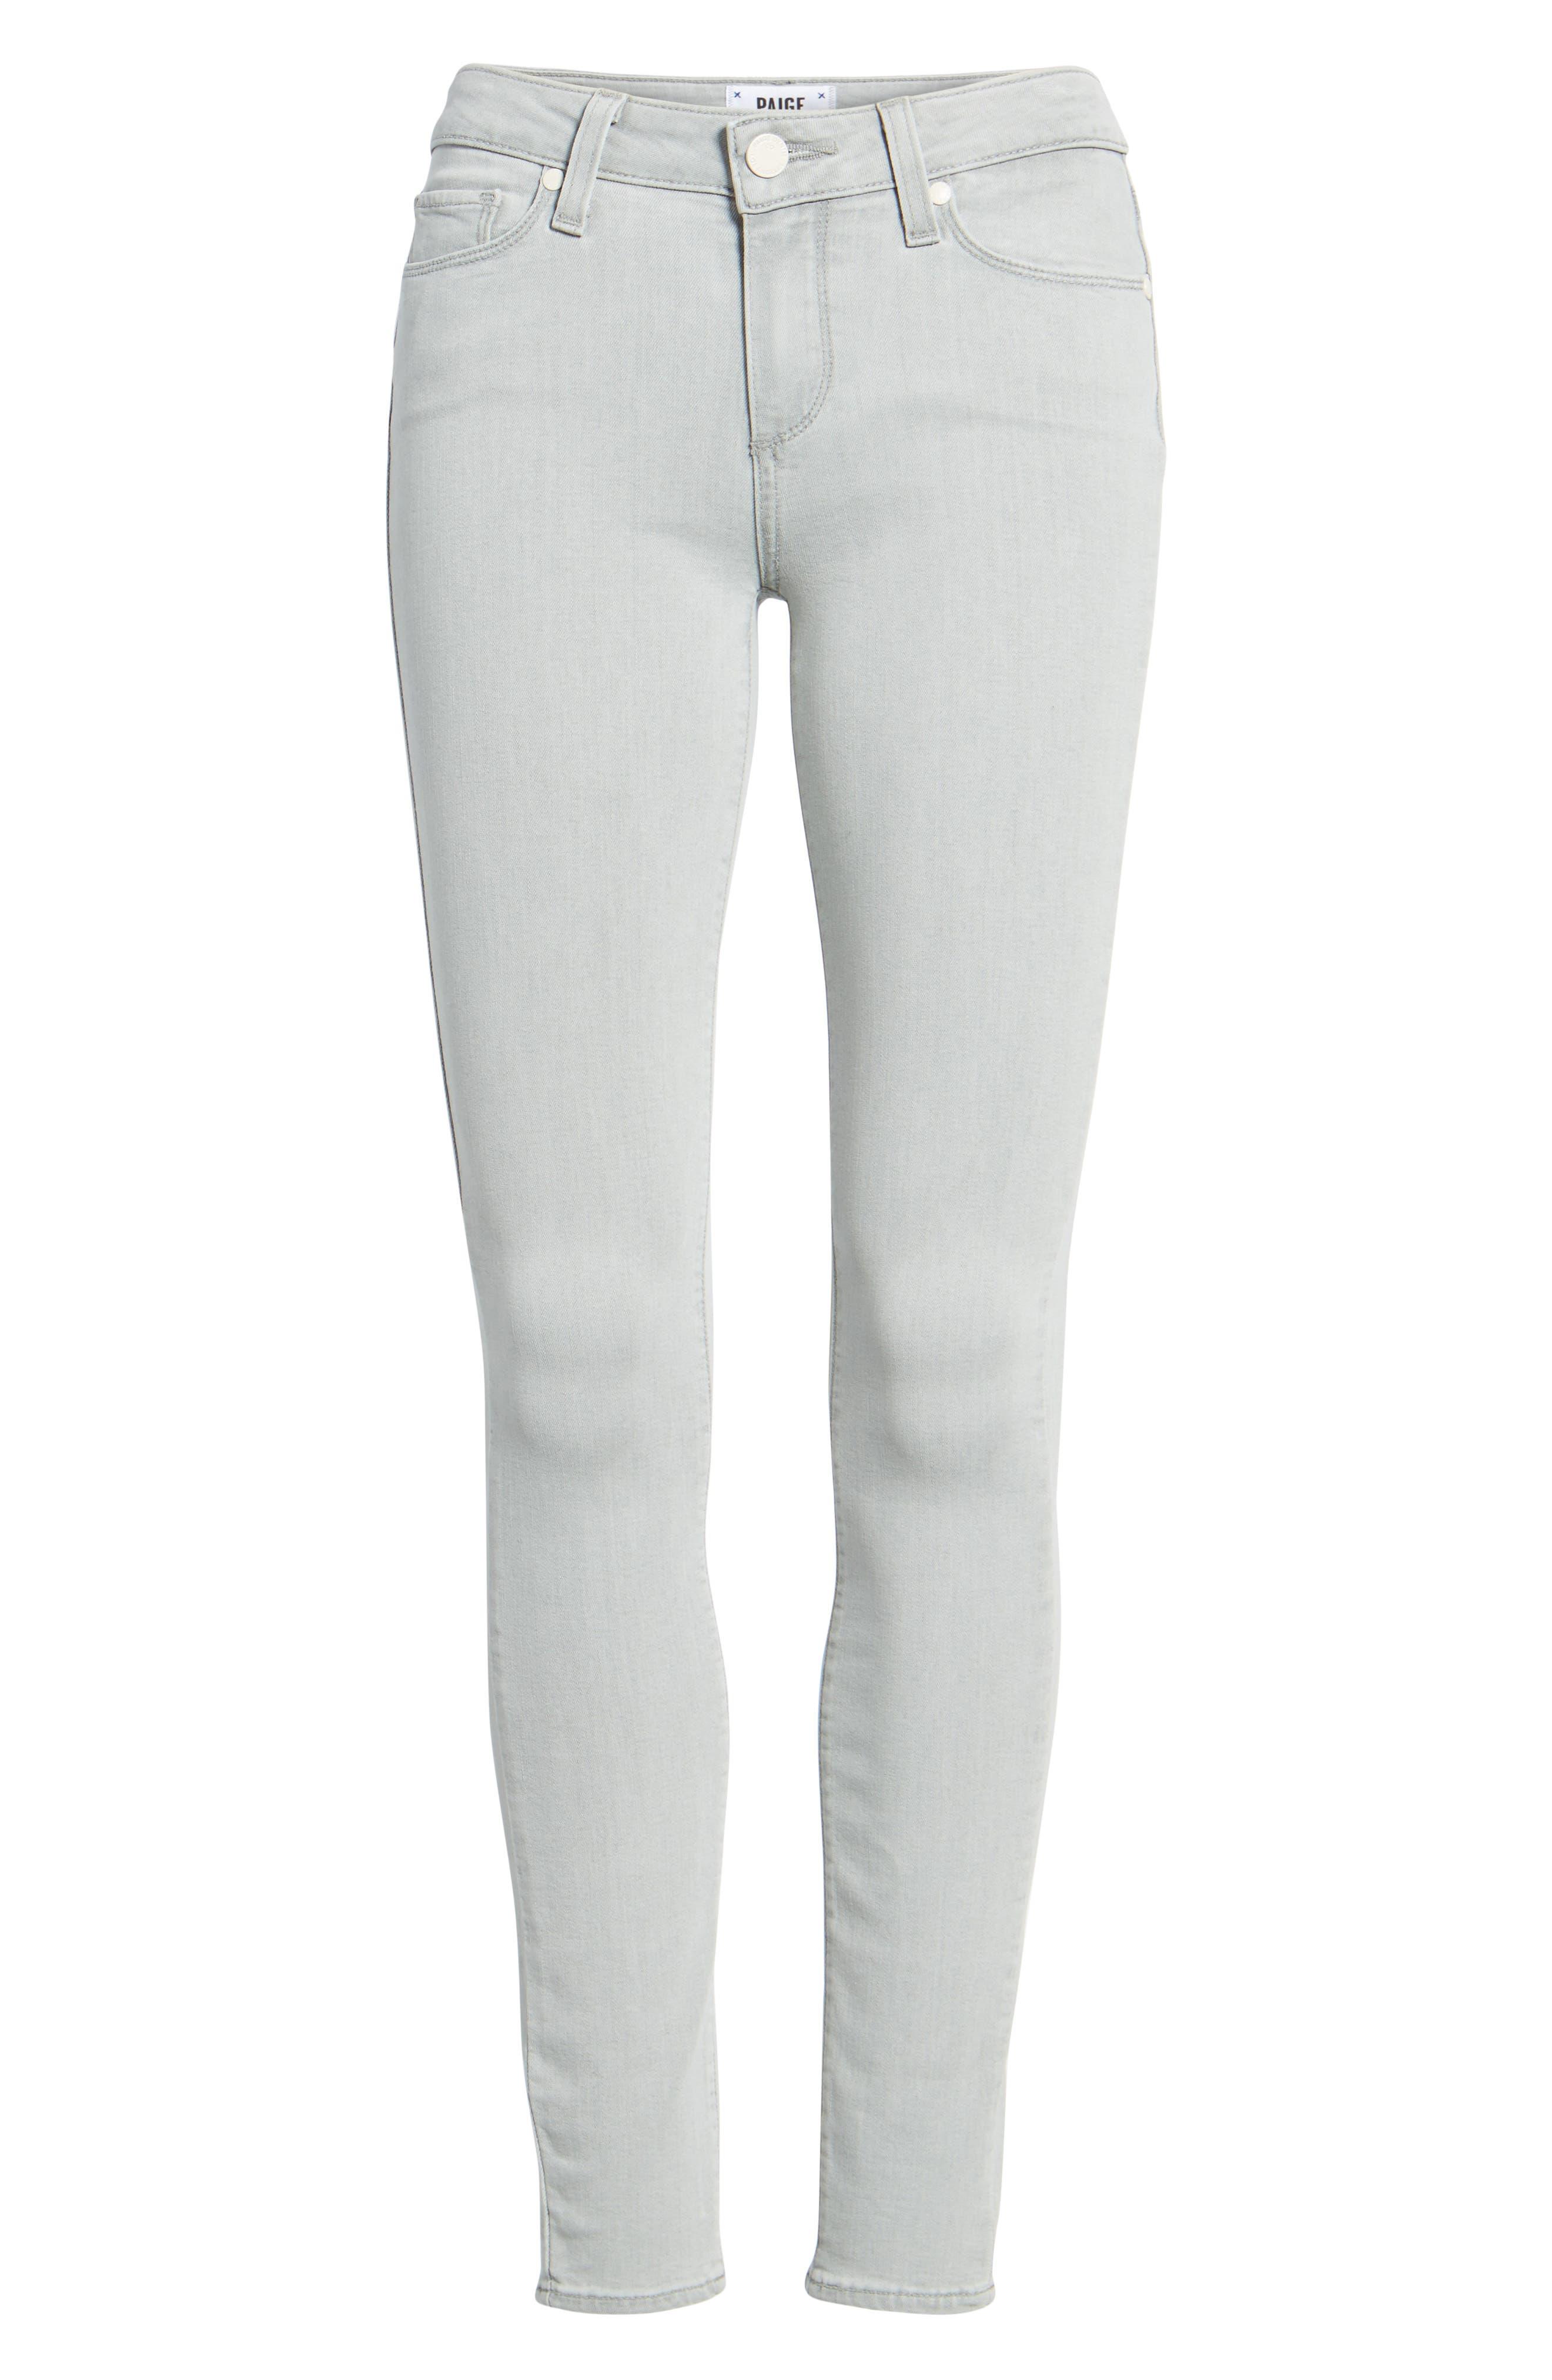 Transcend - Verdugo Ultra Skinny Jeans,                             Alternate thumbnail 7, color,                             Whisper Grey